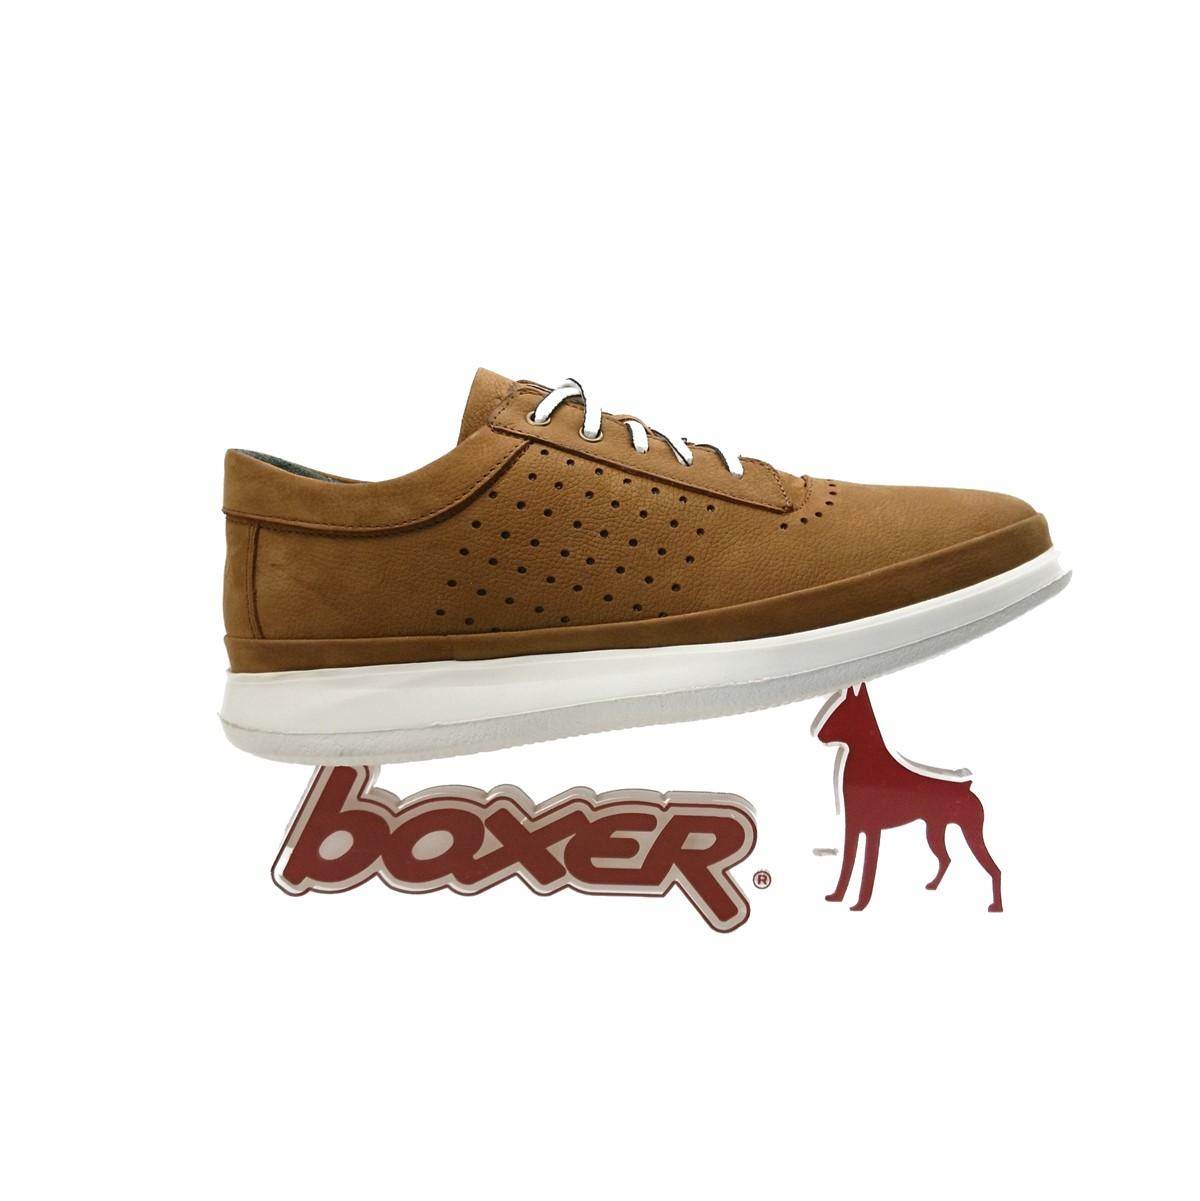 Ανδρικά Sneakers Comfort System Texnology.Boxer 19051 30-019 Ταμπά Nubuck